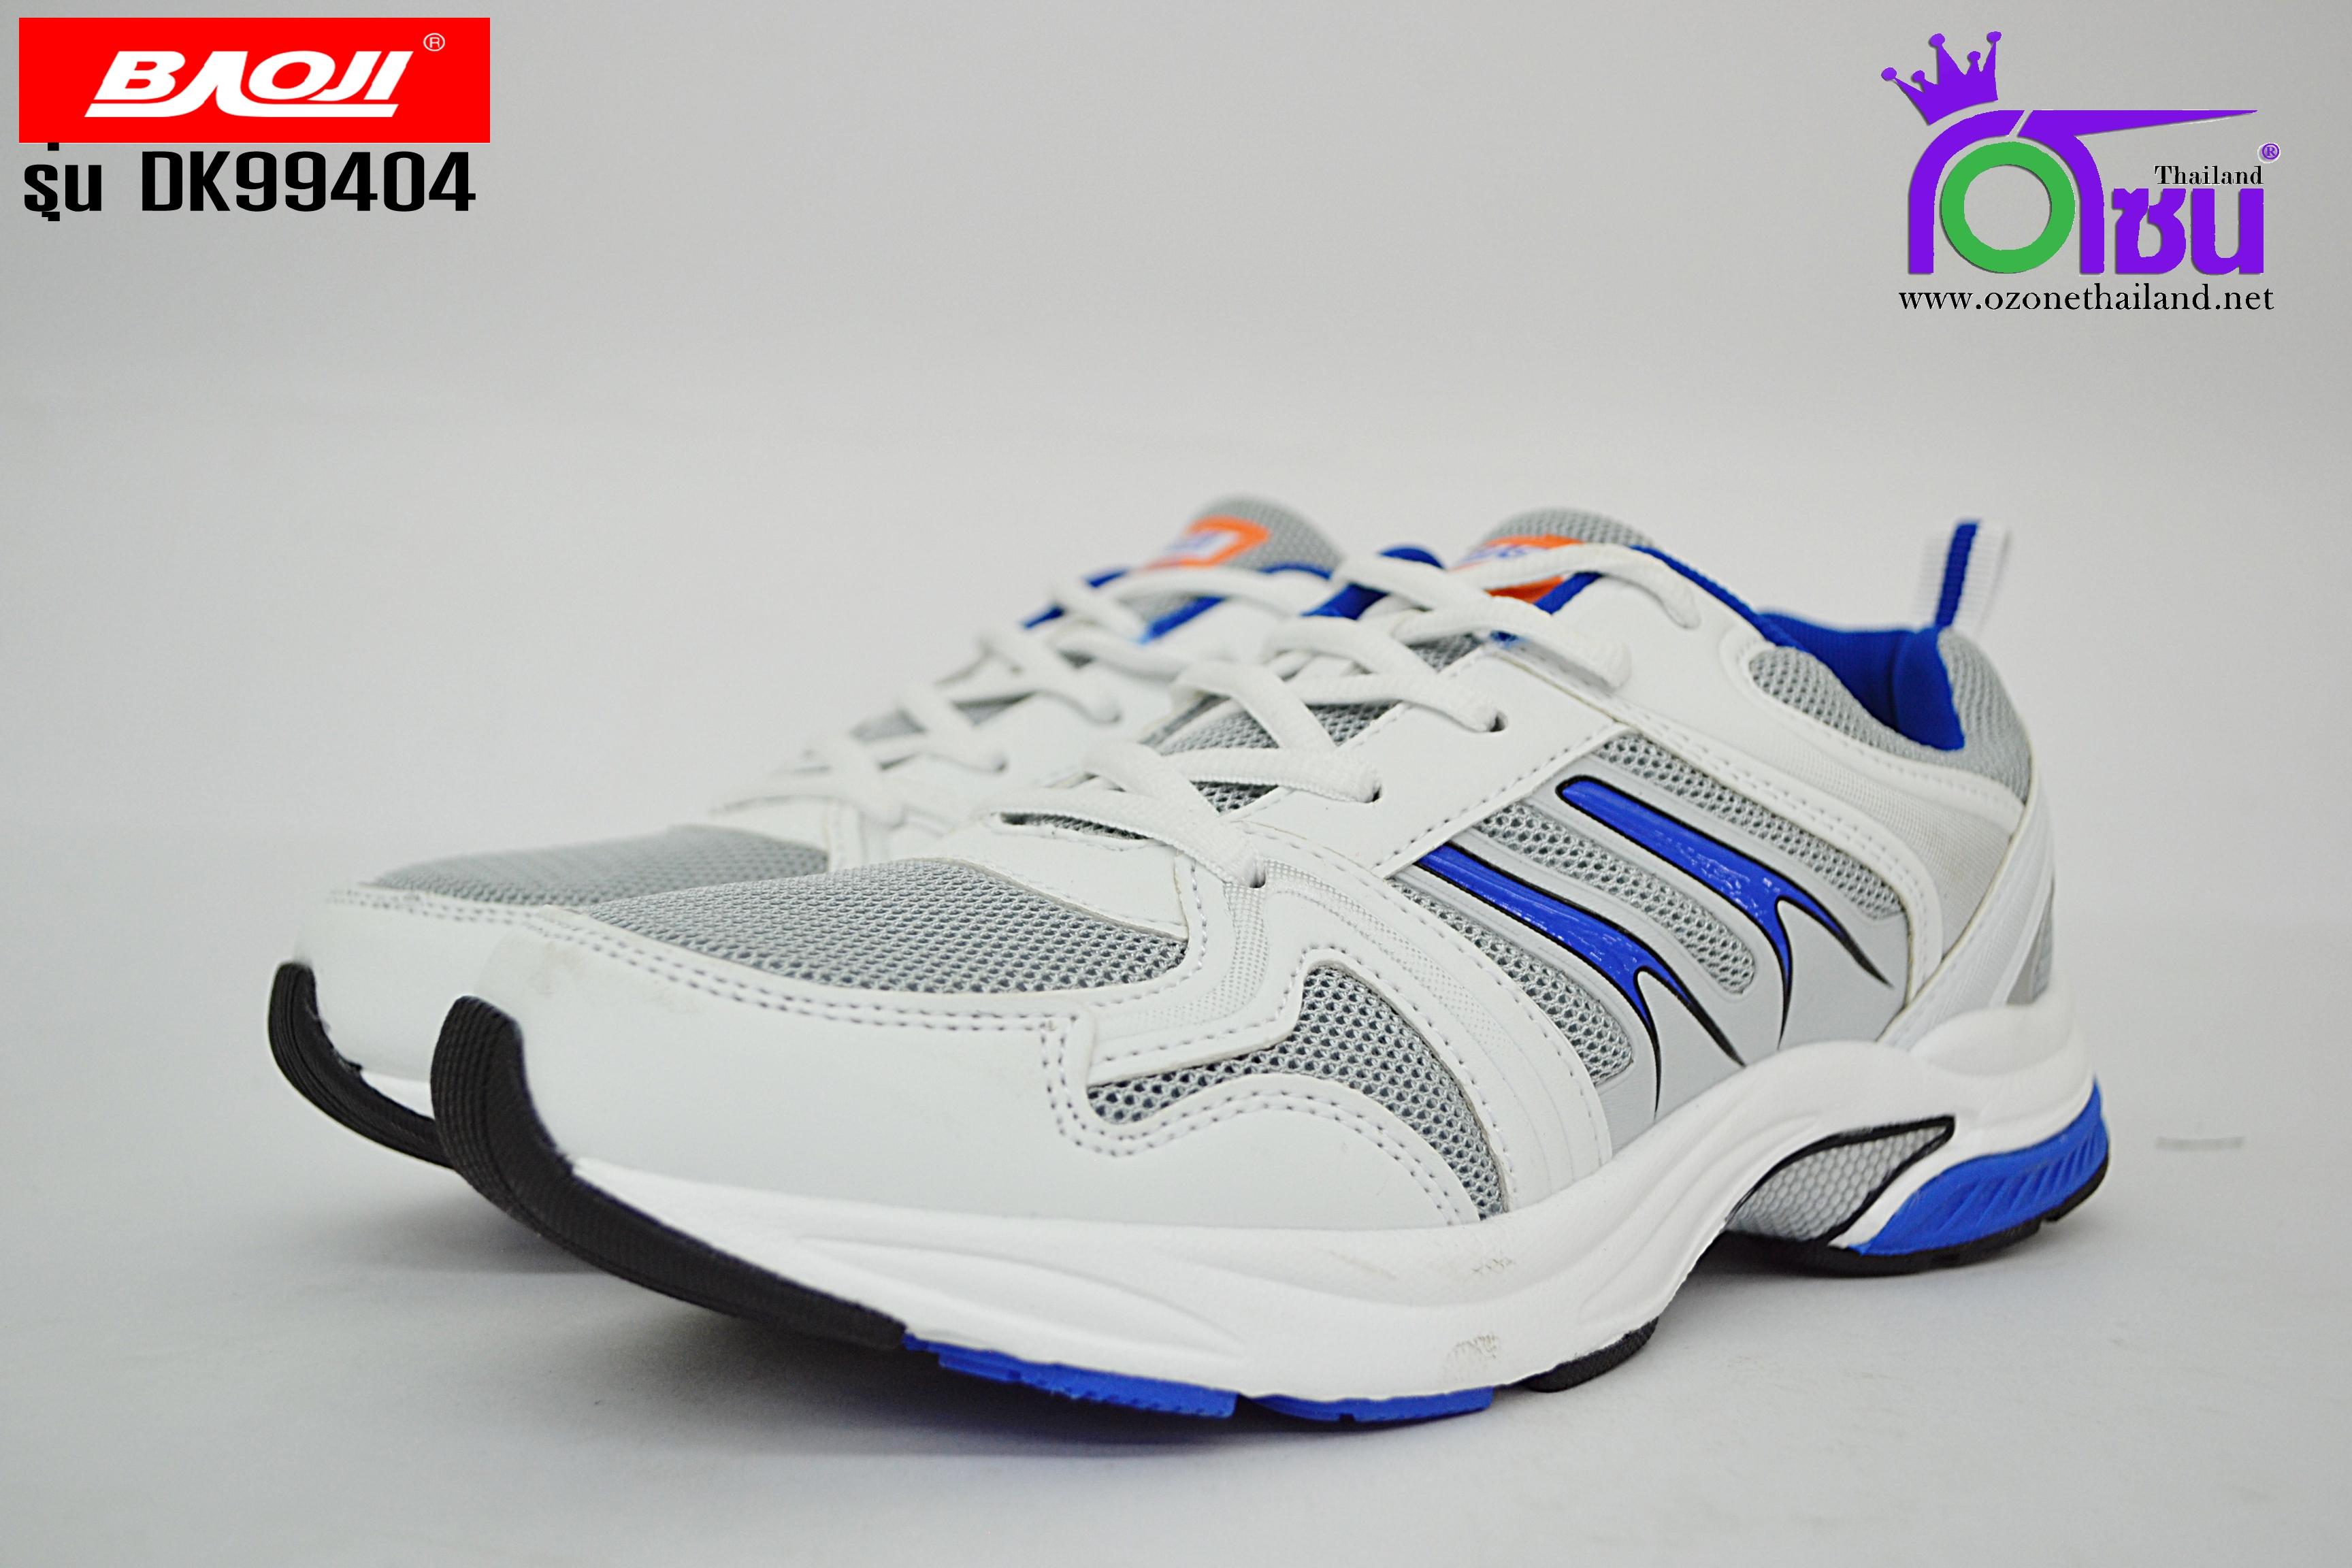 รองเท้าวิ่งบาโอจิ BAOJI รุ่น DK99404 สีขาวน้ำเงิน เบอร์41-45